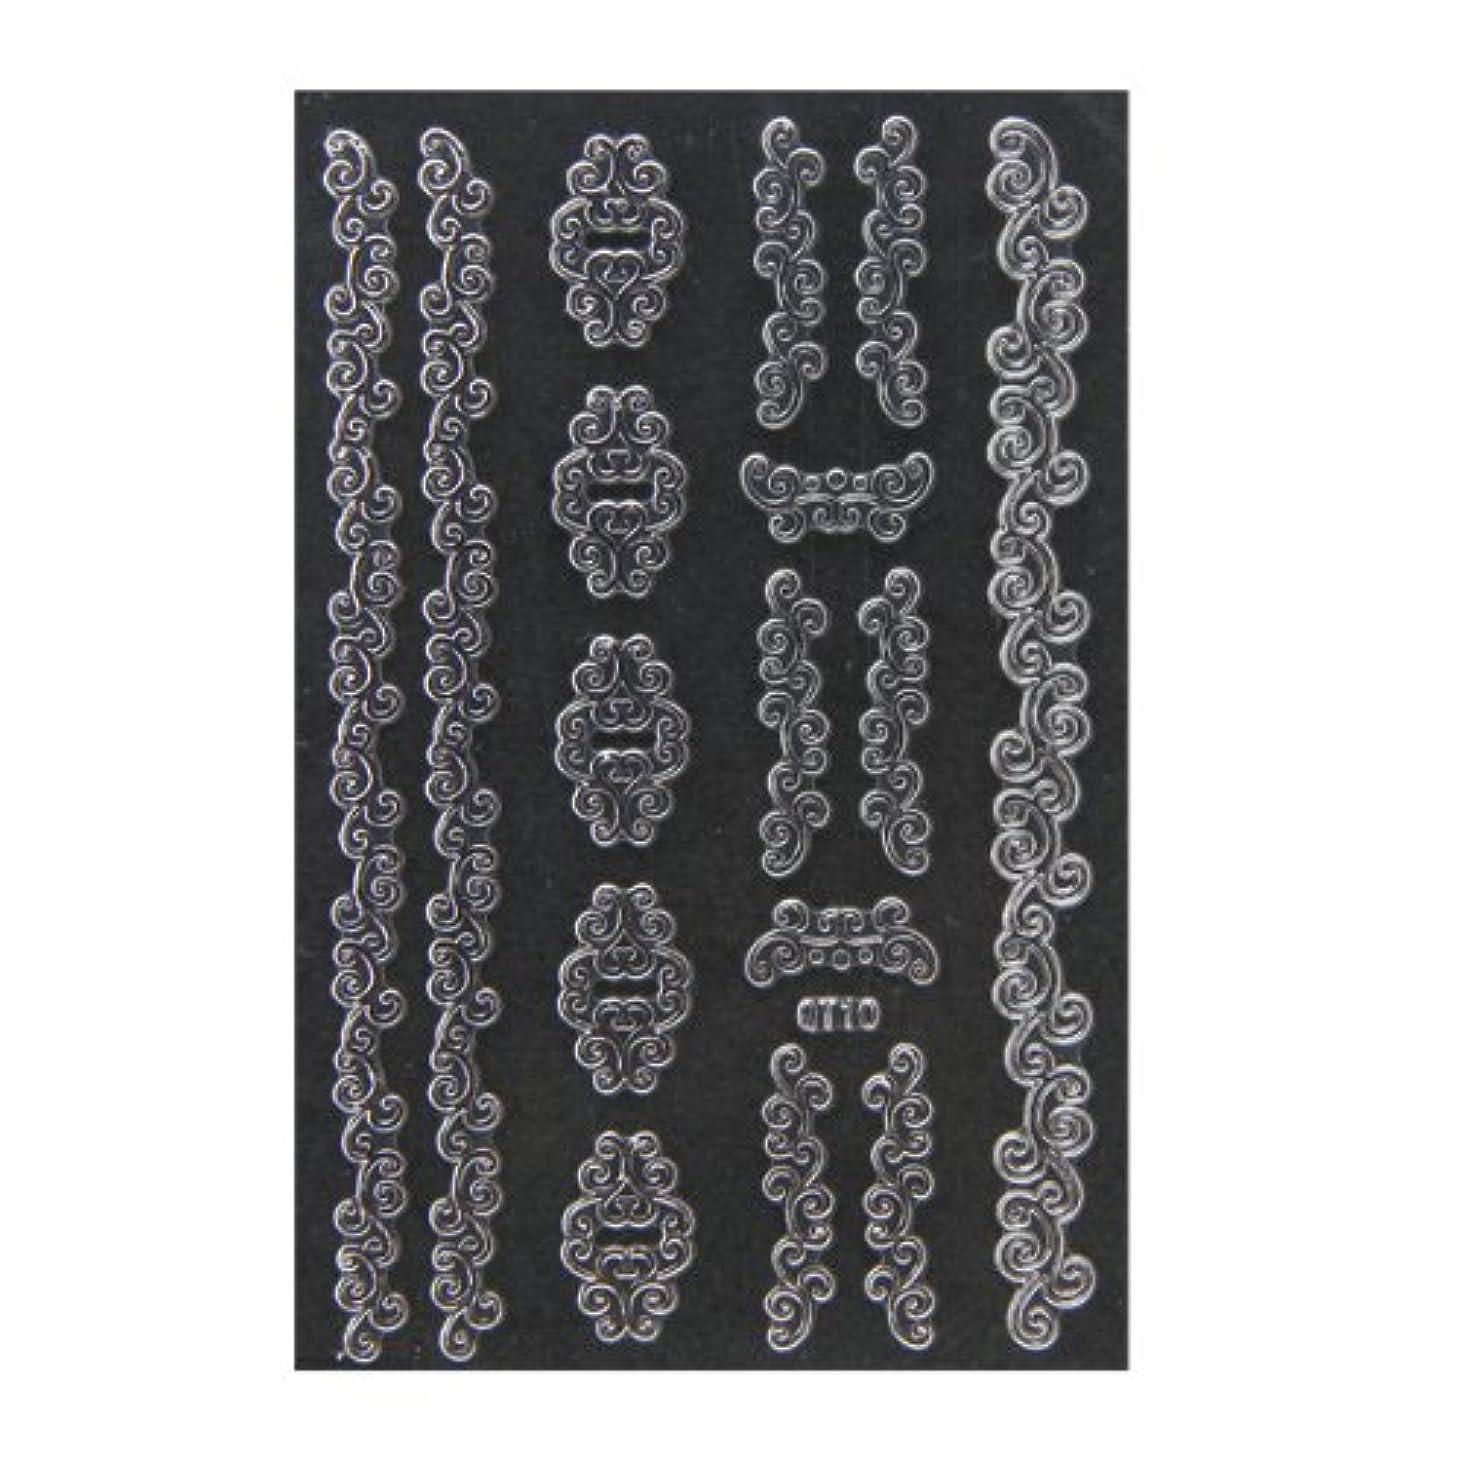 ディプロマ基礎乳白色ネイルシール 3D ネイルシート ファッションネイル メタリックシール36 (ネイル用品)